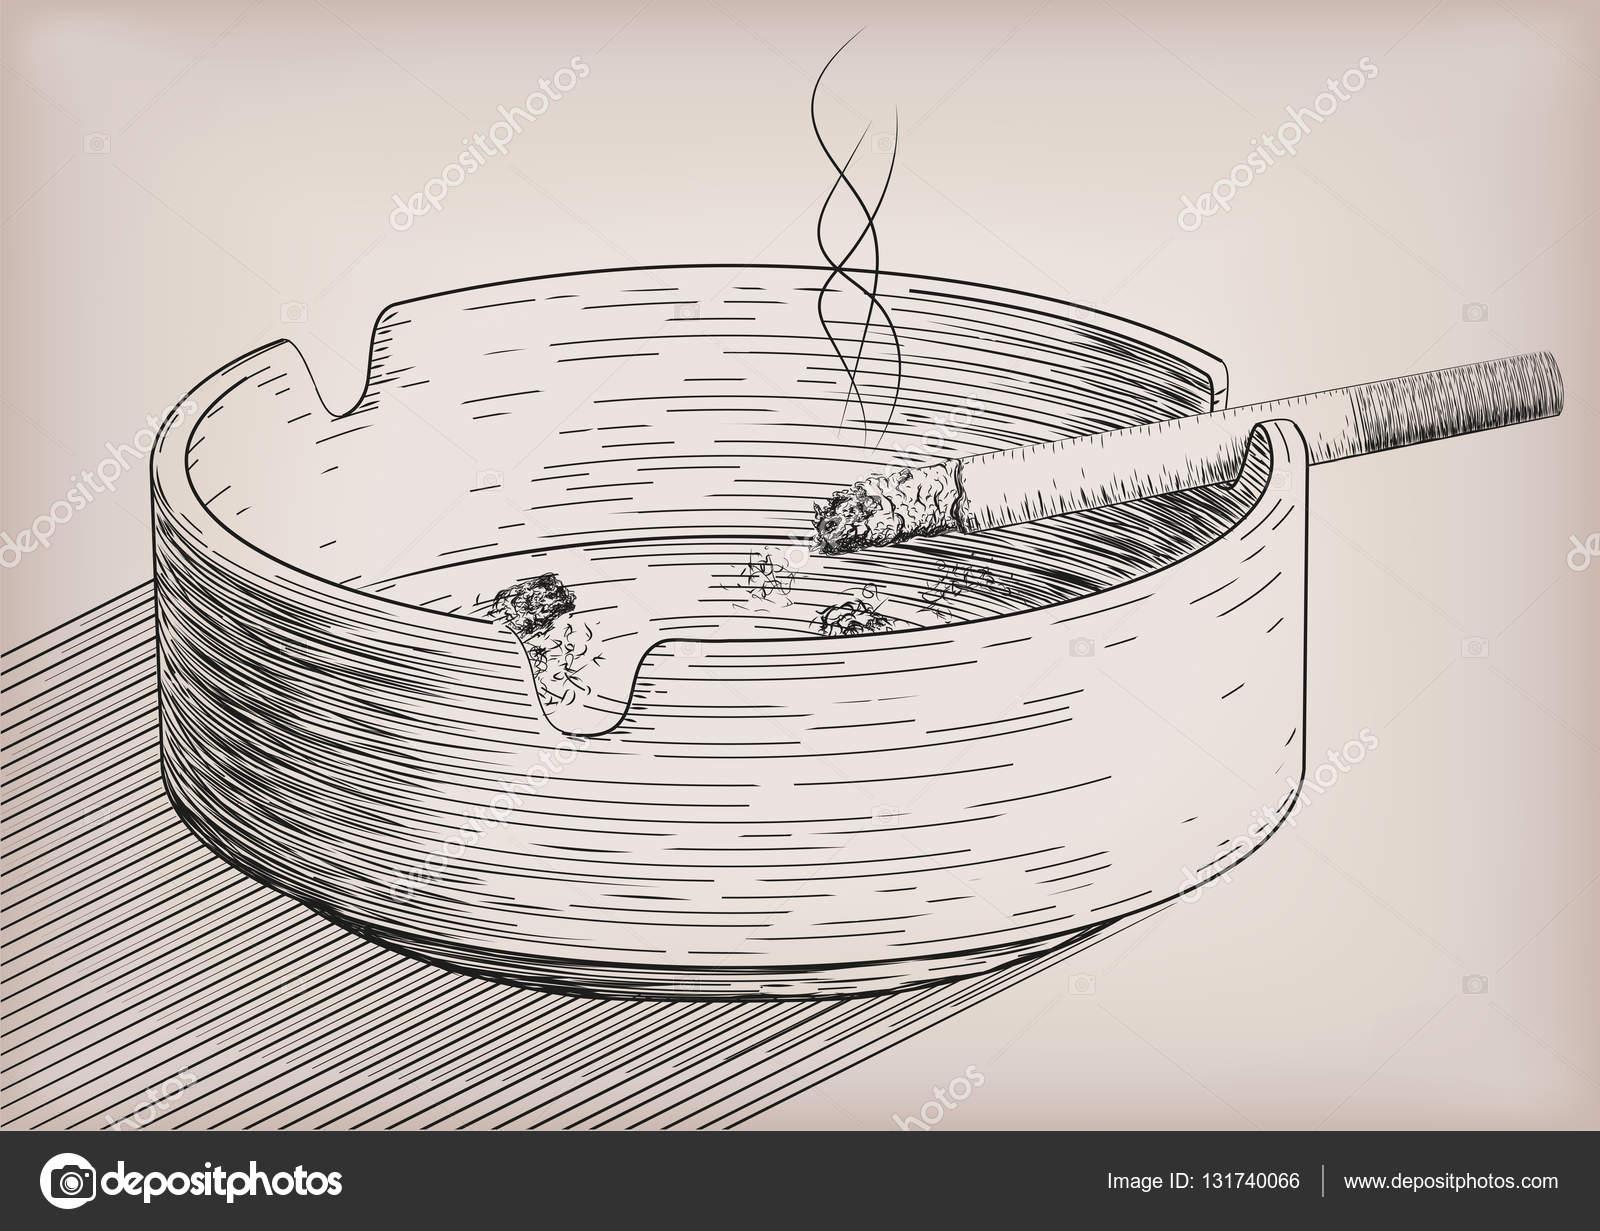 fekete csikk képek leah luv anális Creampie